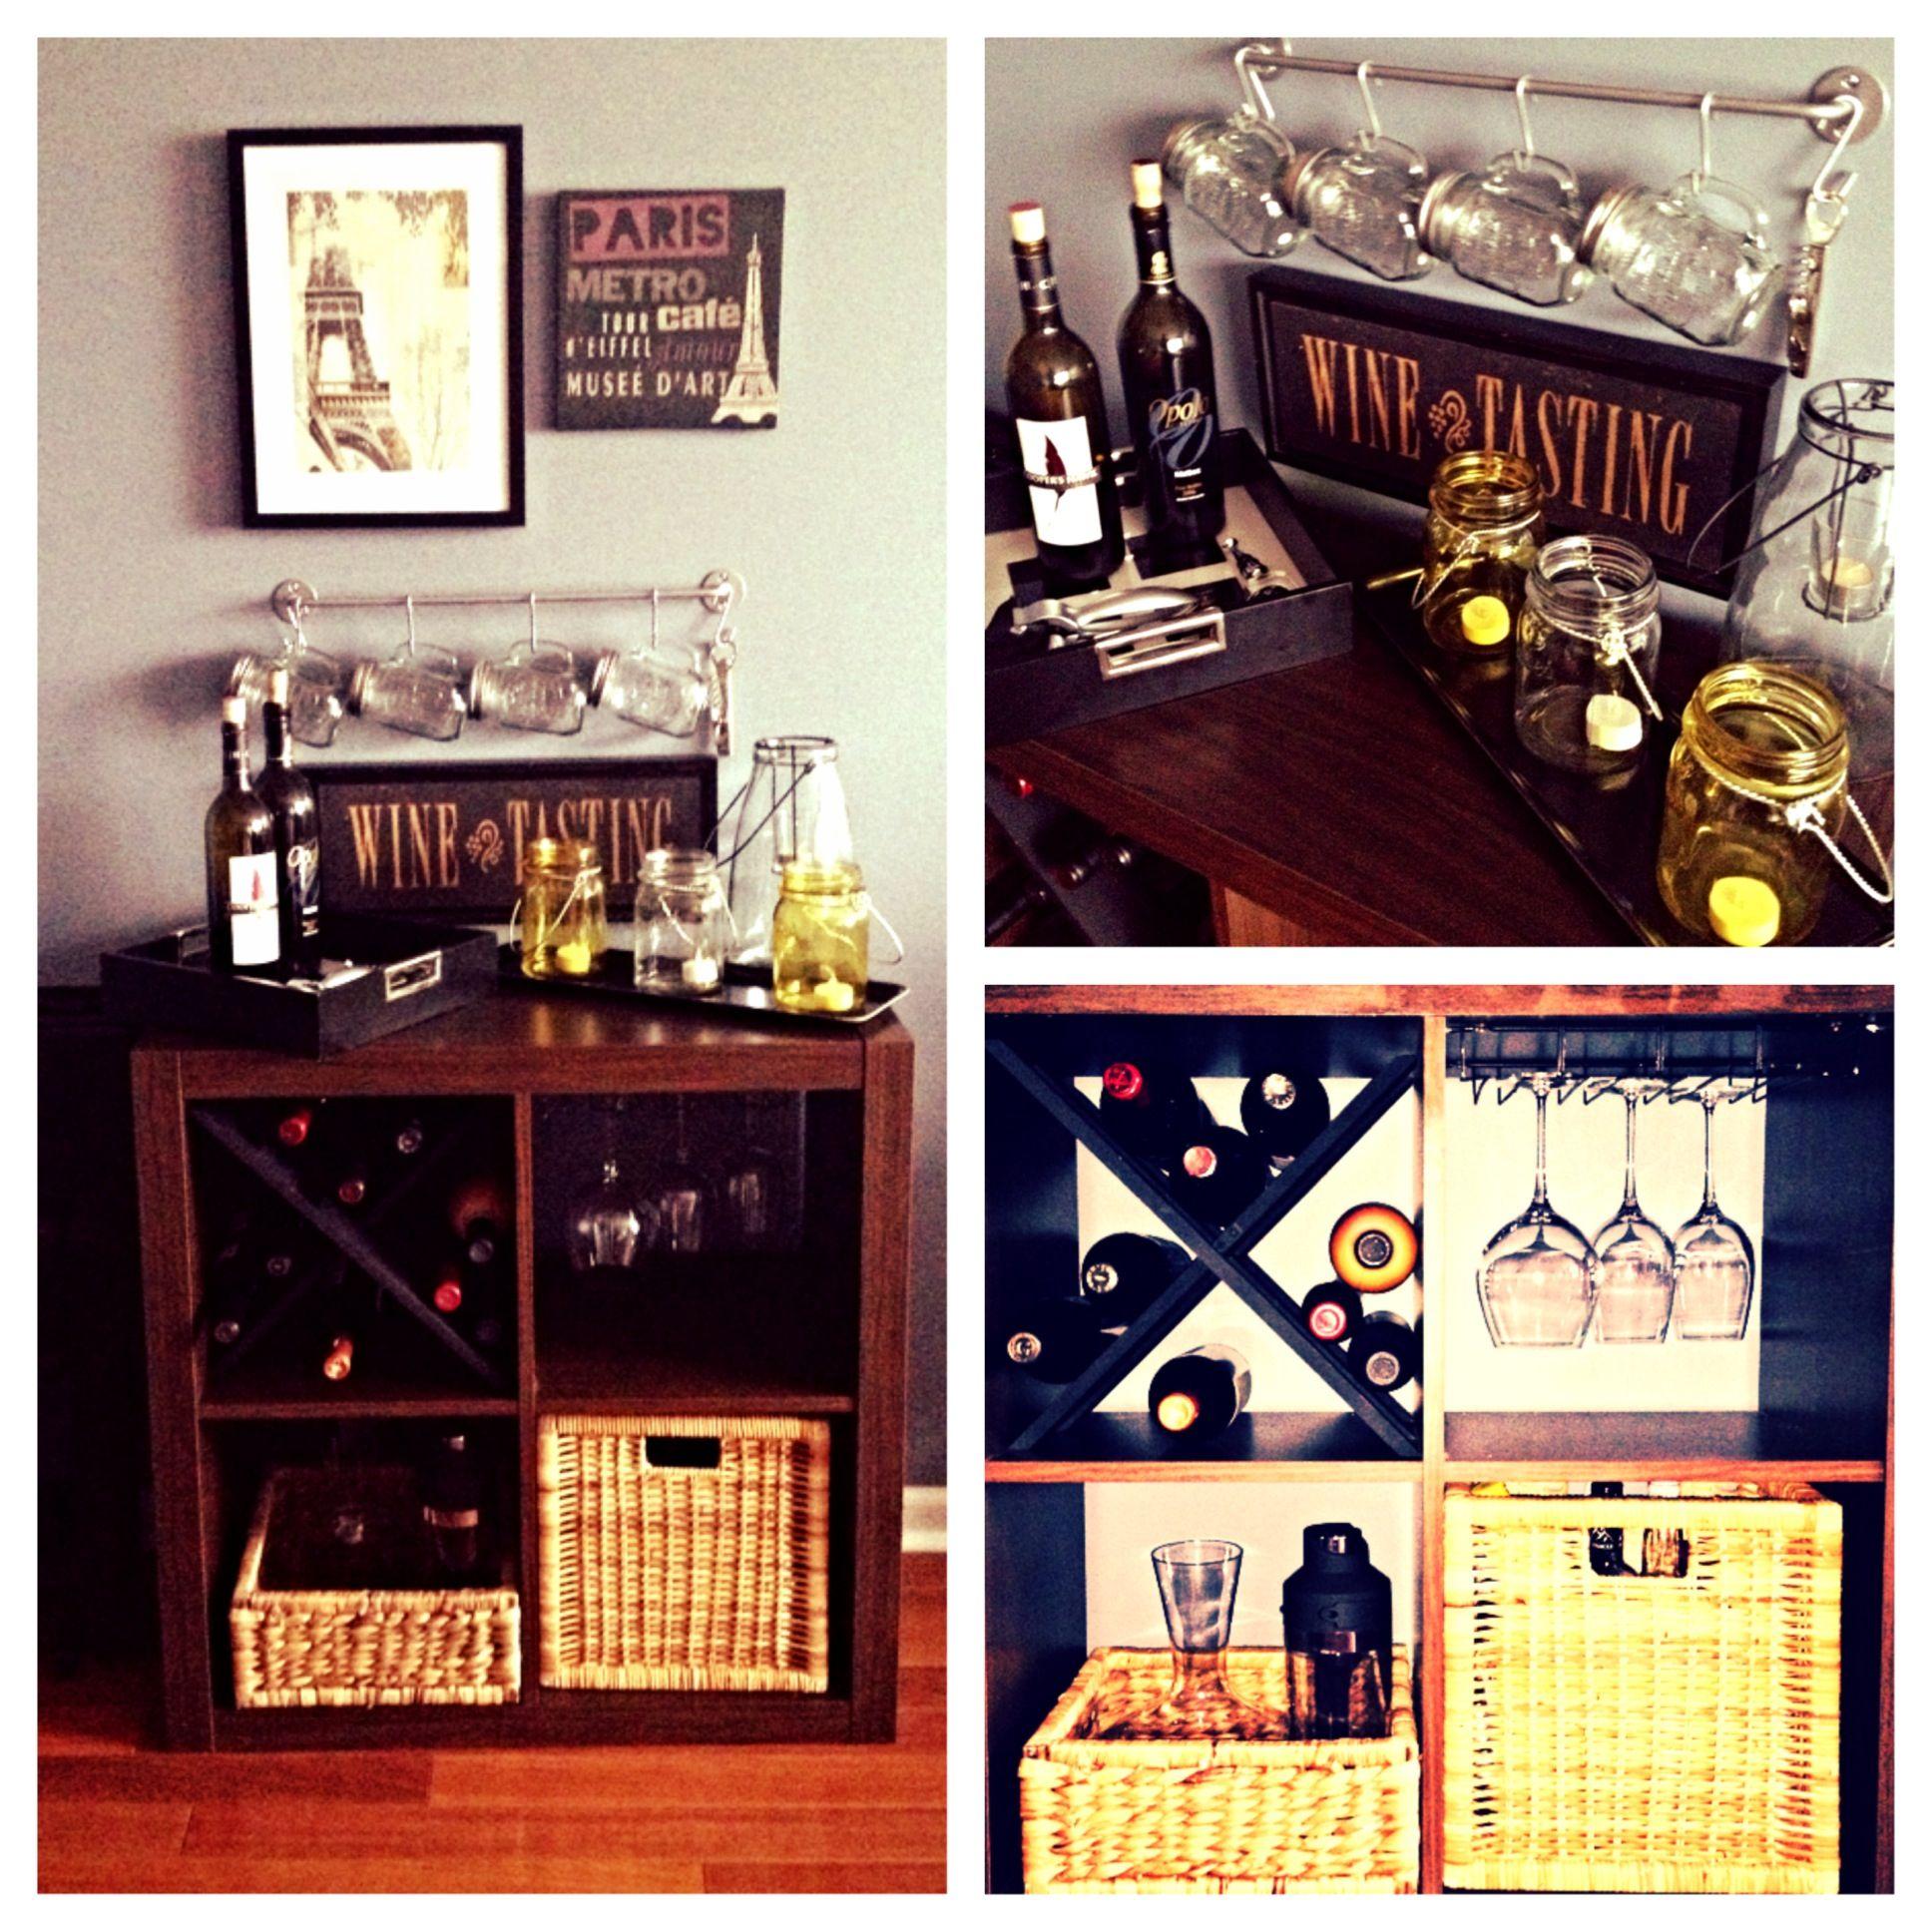 Diy Mini Bar Using A Shelf From Ikea Diy Bar Home Diy Bars